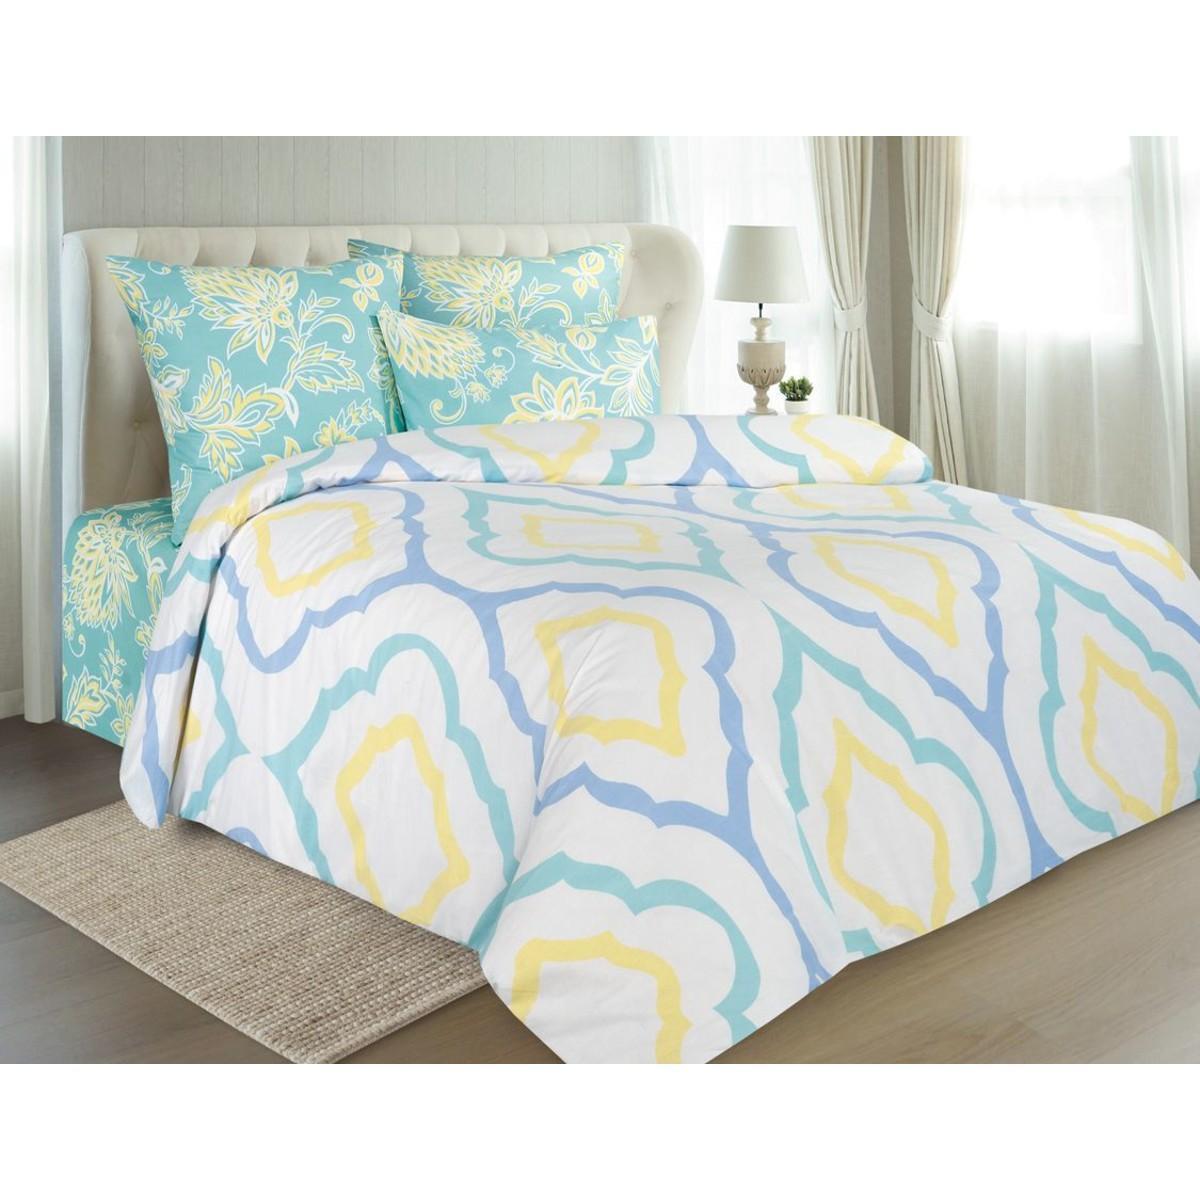 Комплект постельного белья полутораспальный GUTEN MORGEN  Сканди поплин 70x70 см